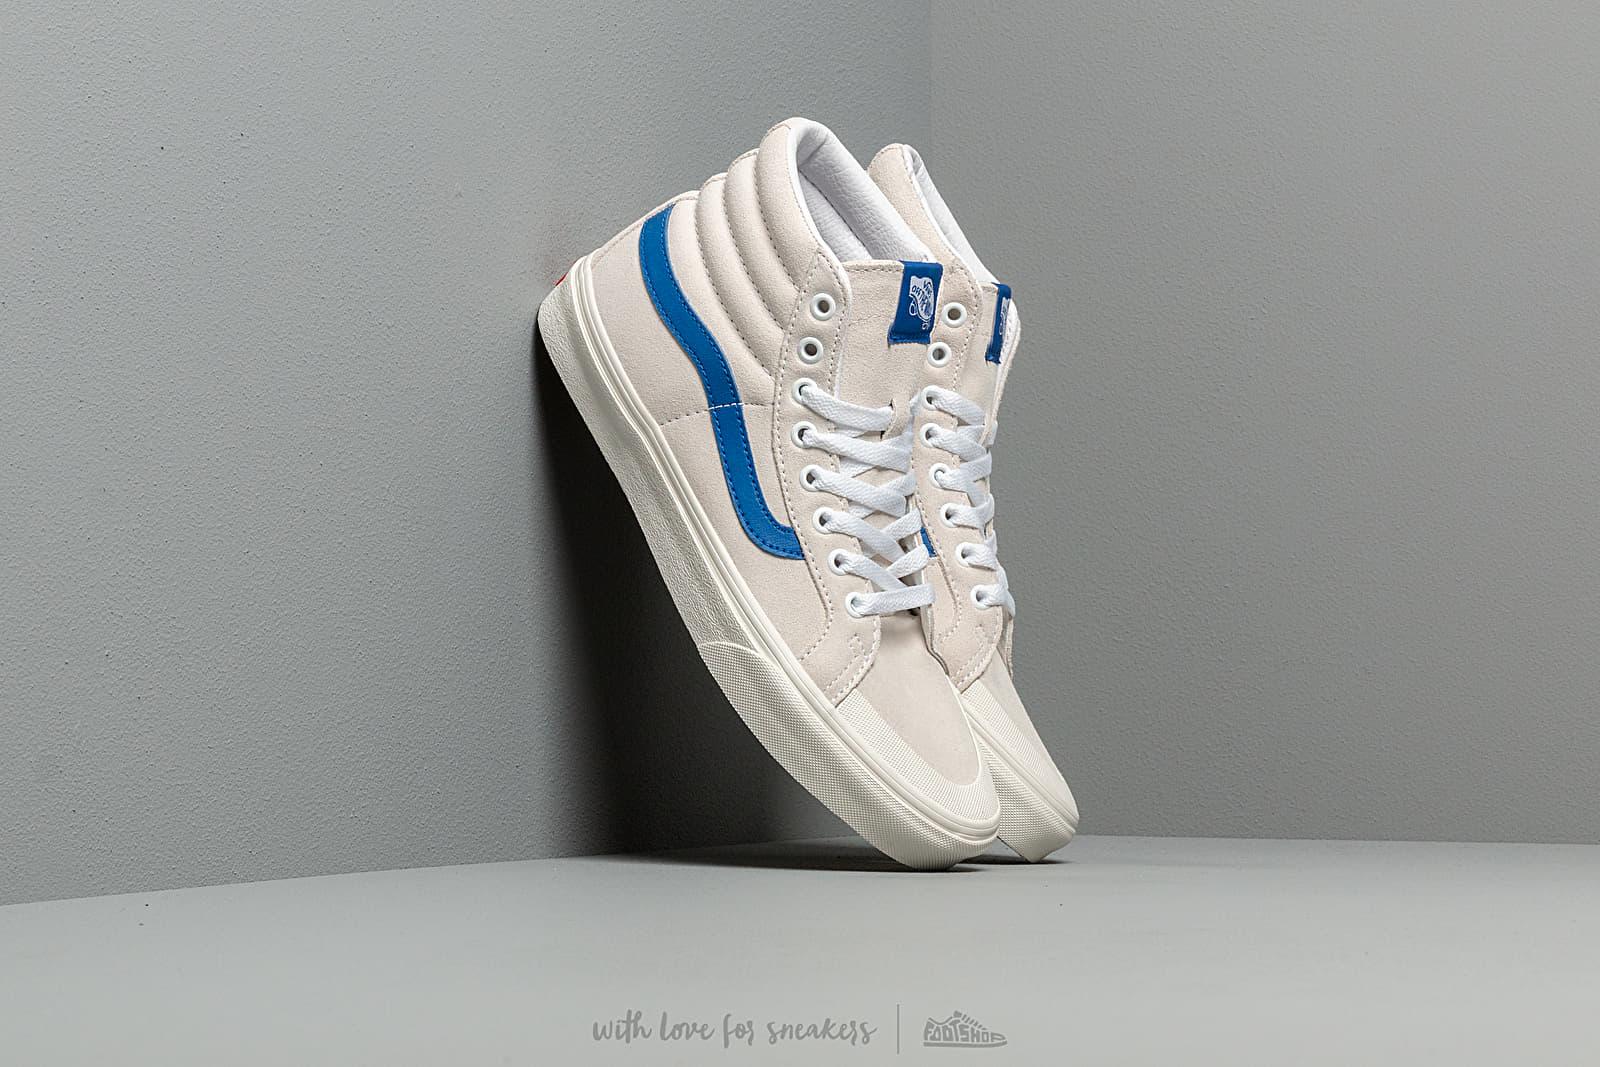 Vans SK8-Hi Reissue 138 True White/ Lapis Blue nagyszerű árakon 25 065 Ft vásárolj a Footshopban